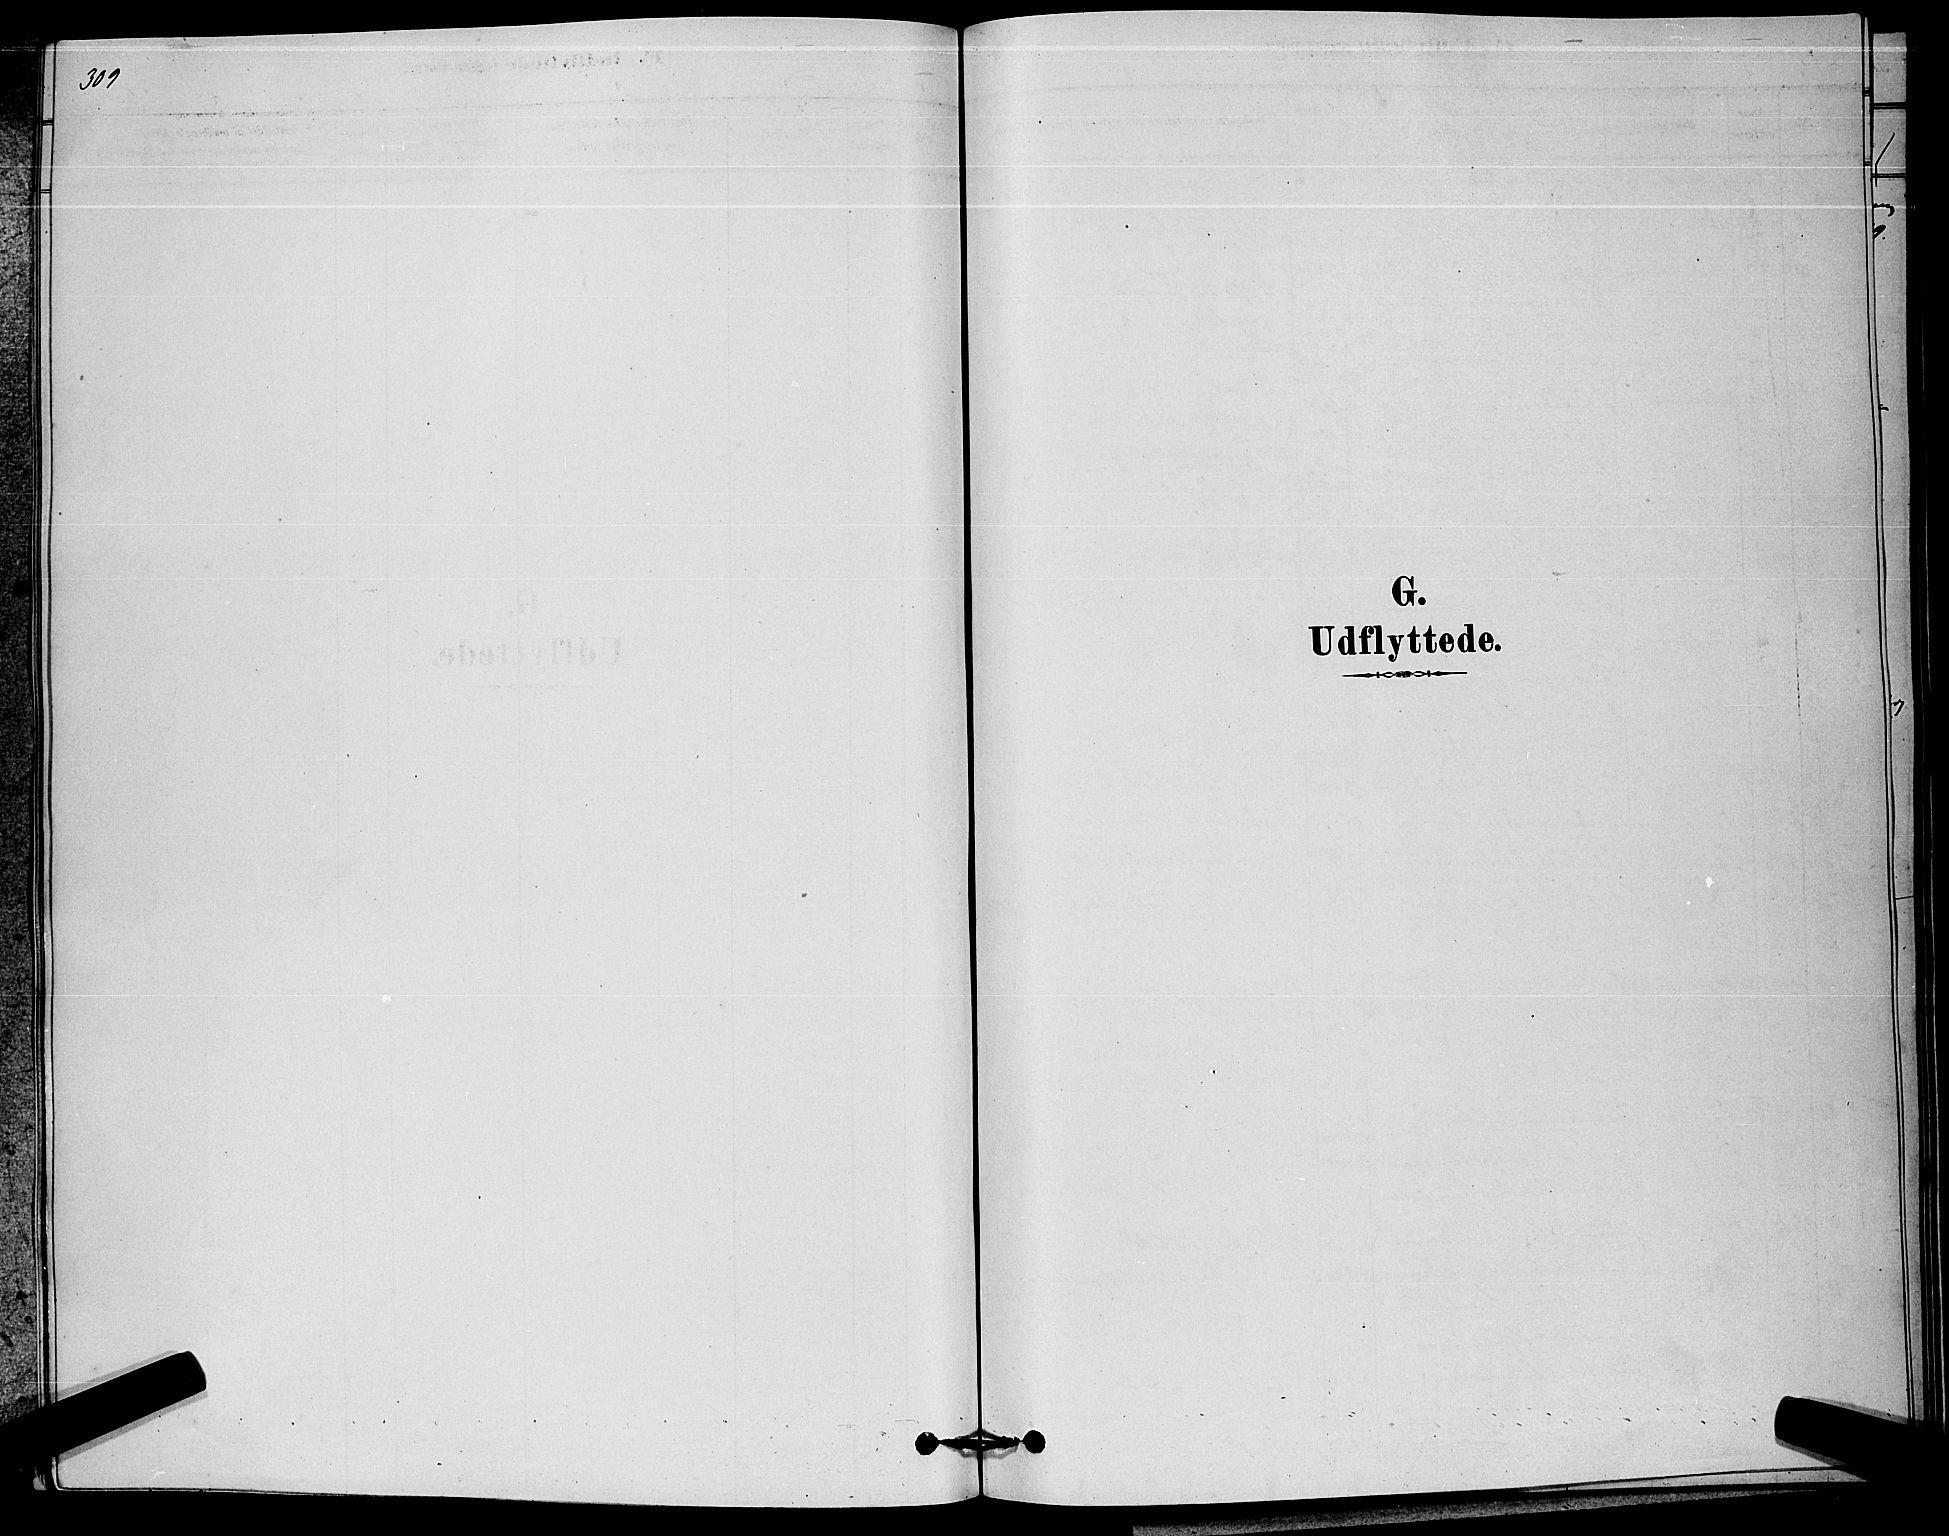 SAKO, Kongsberg kirkebøker, G/Ga/L0005: Klokkerbok nr. 5, 1878-1889, s. 309